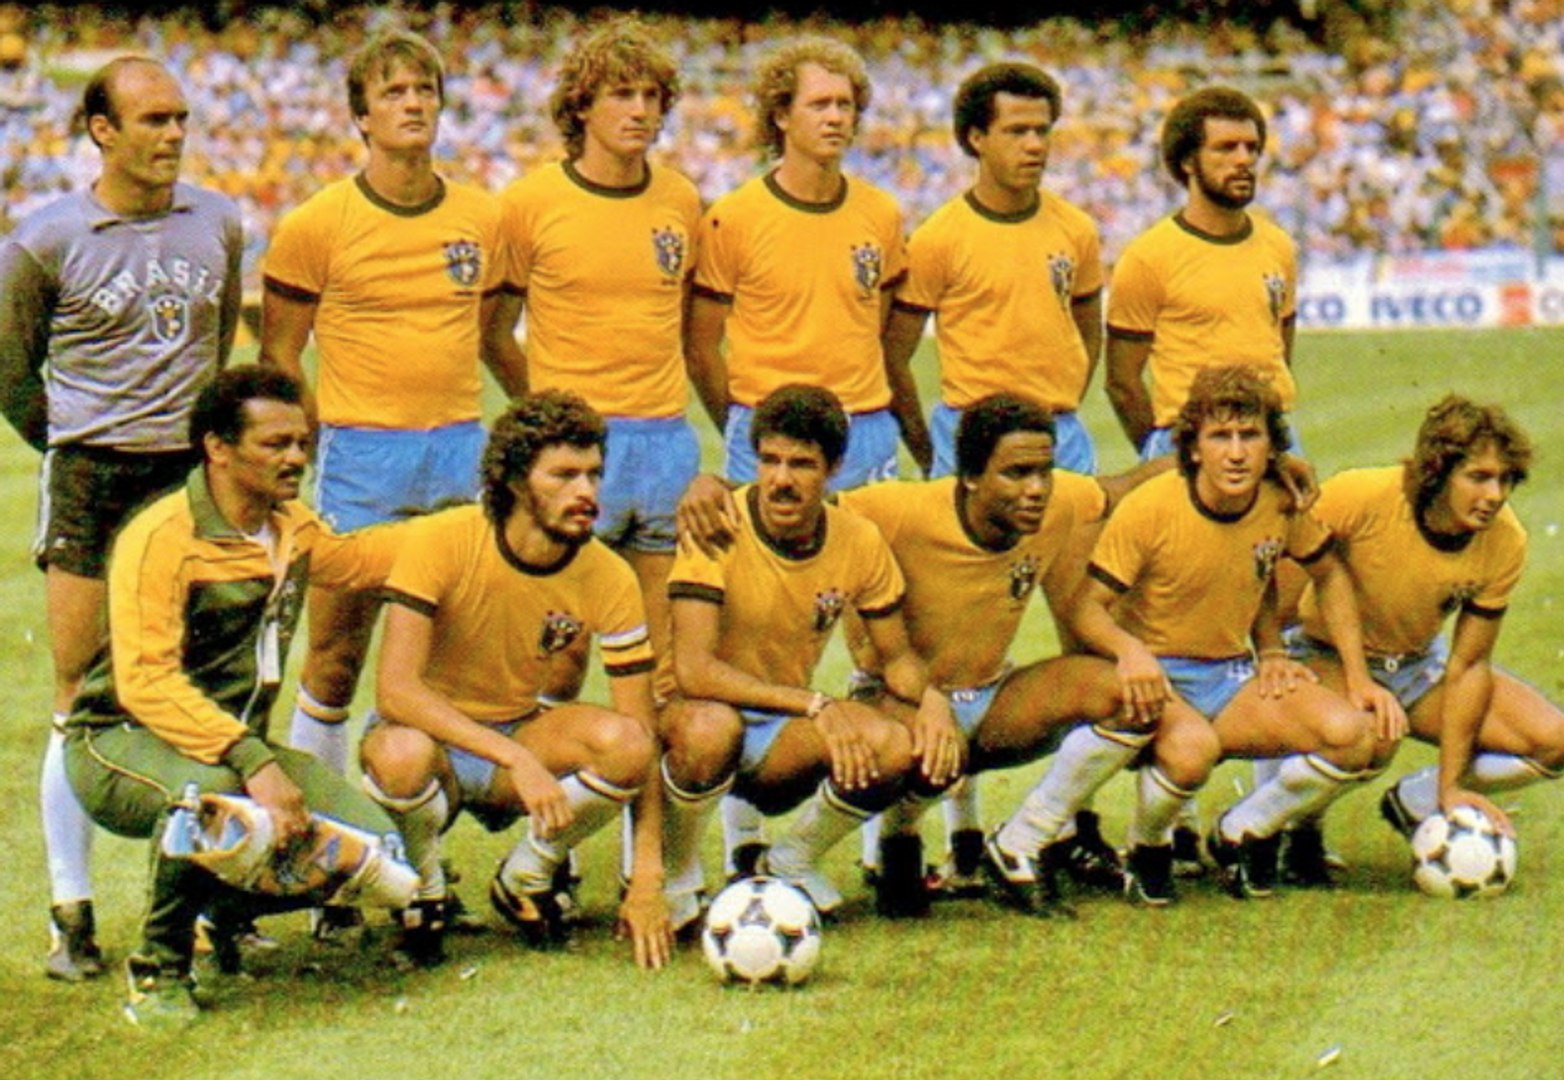 Brasilien der Weltmeisterschaft in Spanien1982, die perfekte unvollkommene Ausrüstung